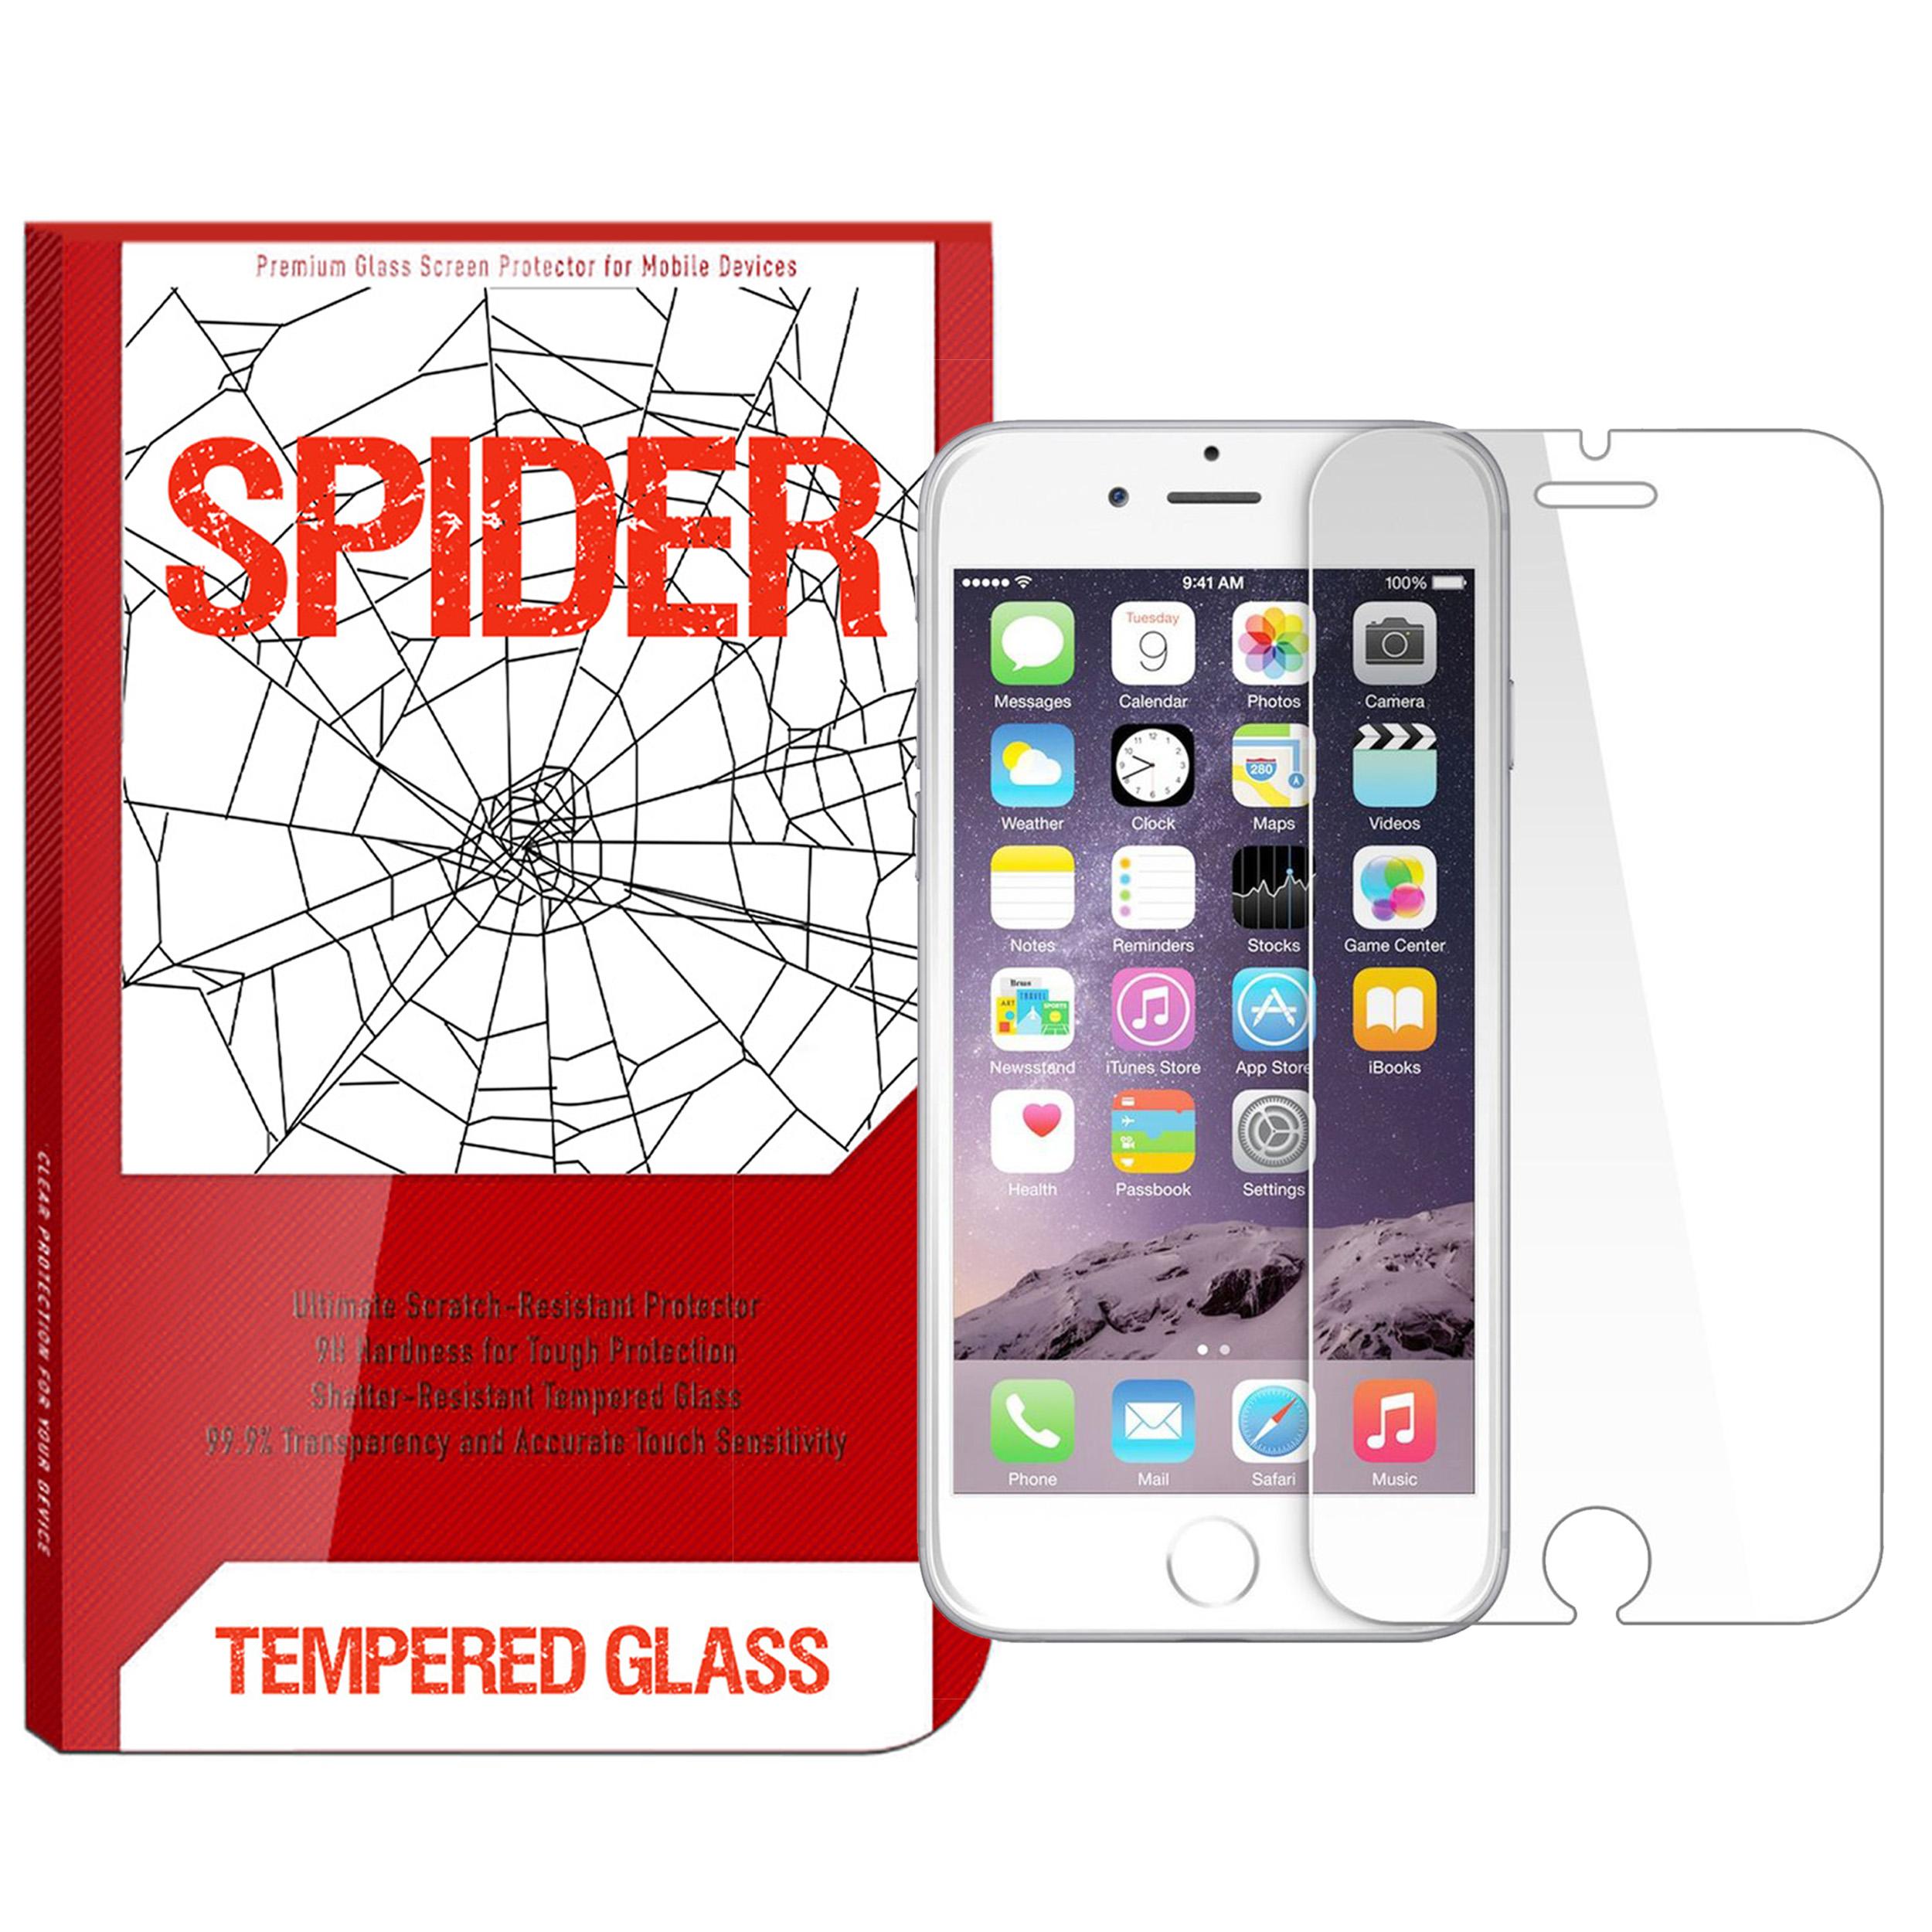 محافظ صفحه نمایش مات اسپایدر مدل MF-S001 مناسب برای گوشی موبایل اپل iPhone 6 / 6s